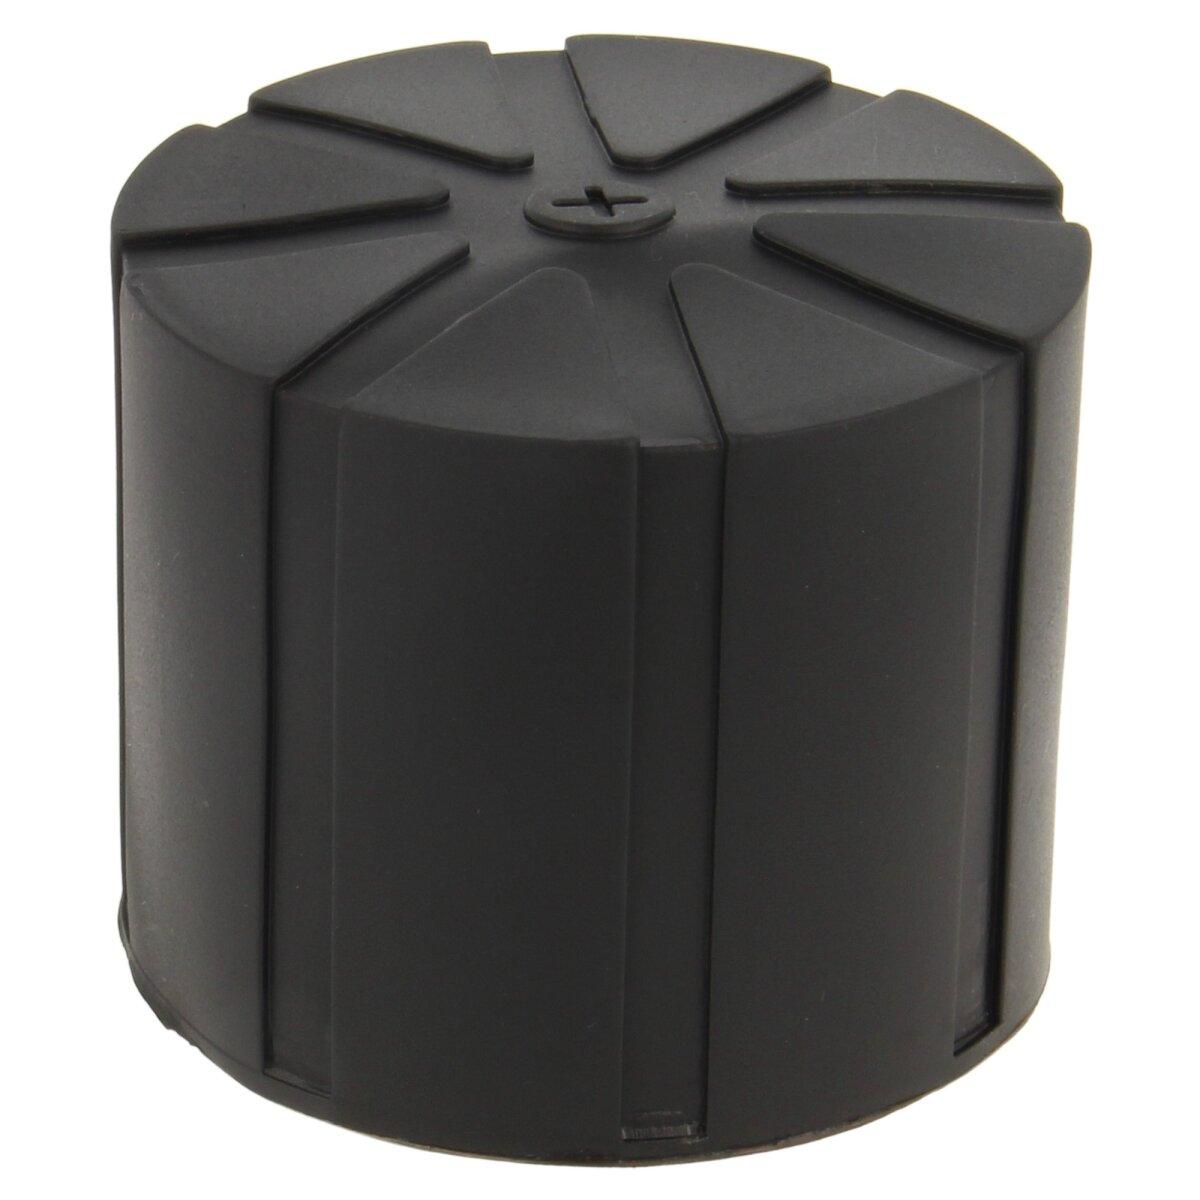 Minadax Objektiv Schutz Kappe aus Silicon 51mm x 62mm - Universal Dehnbar Wasserdicht, Stoßabsorbierend, Staubdicht, Kratzfest, für fast alle Objektive / Macro-Zwischenringe geeignet - MX-ZY-007